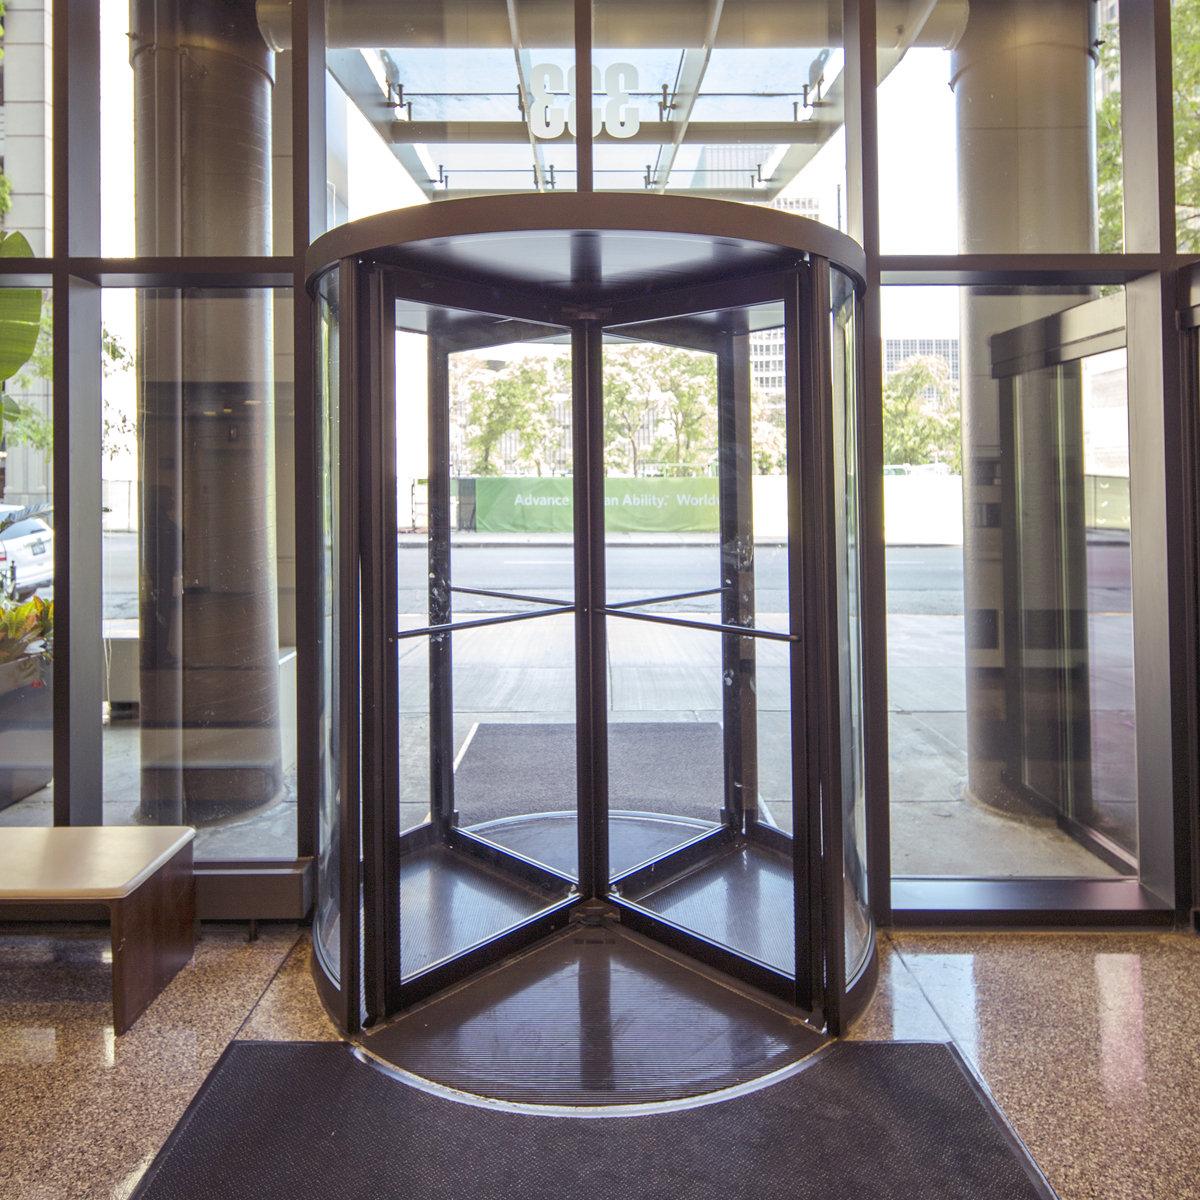 Crane revolving door company inc by dorma doors and